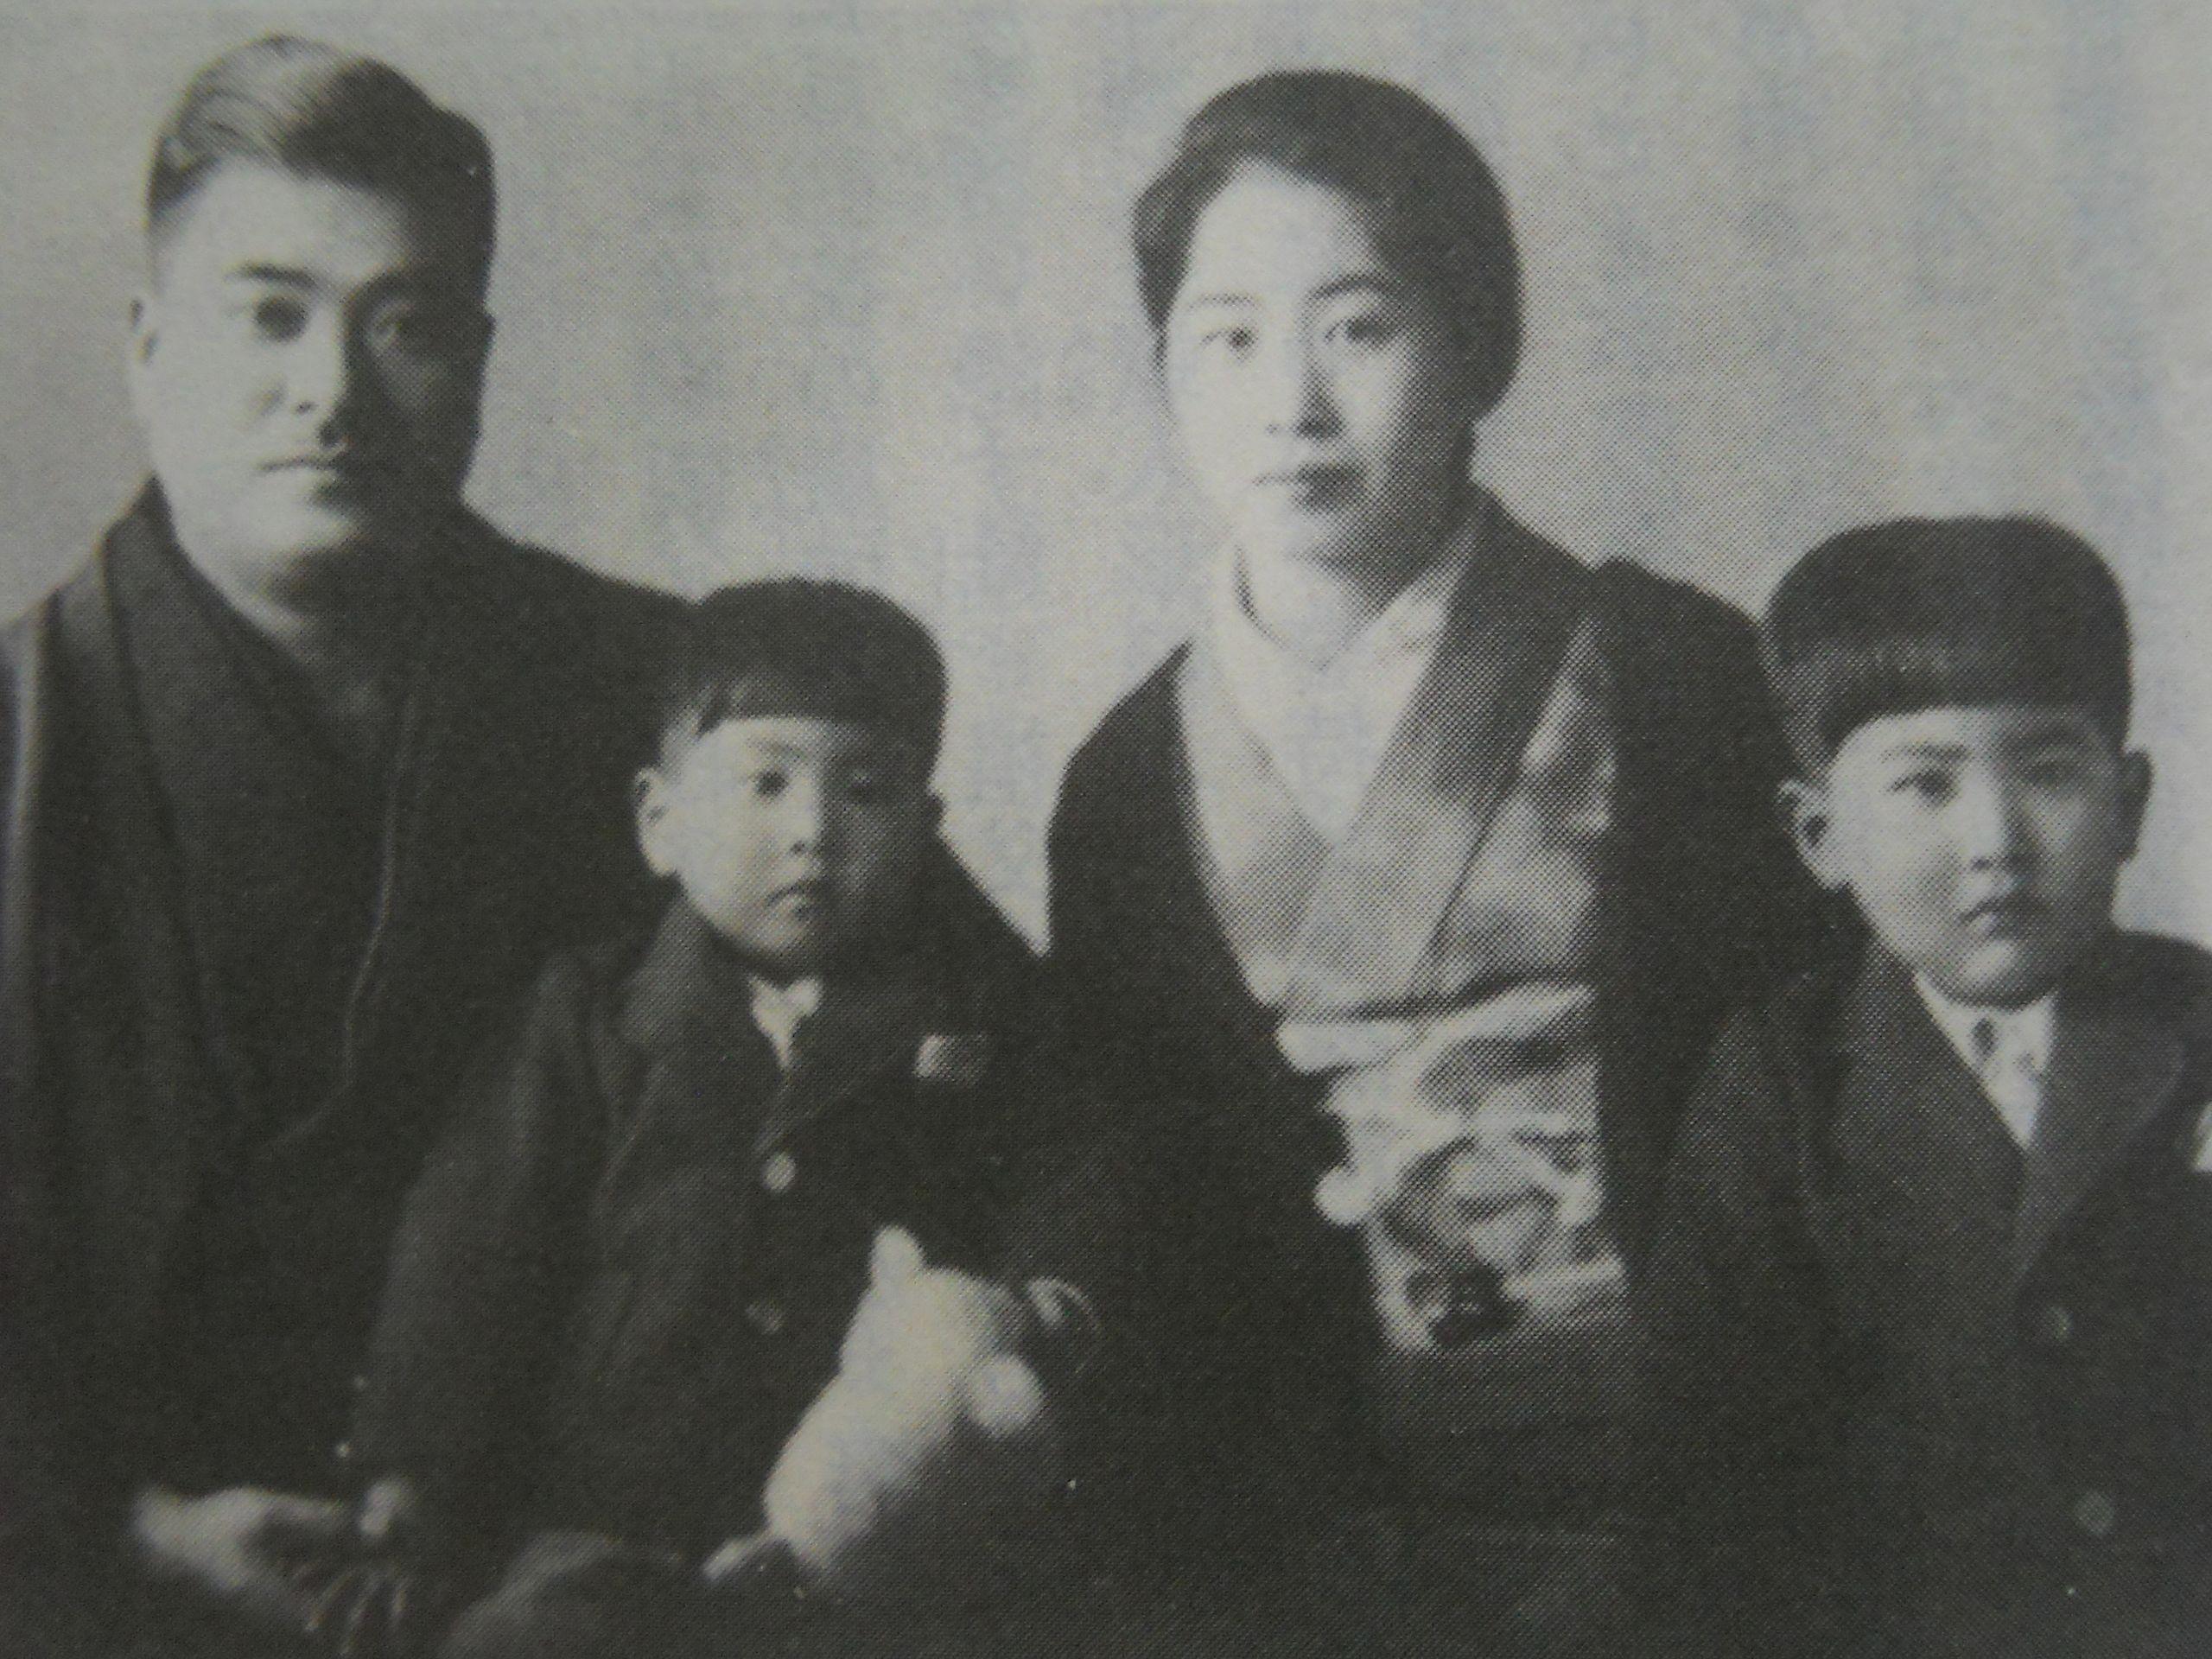 小樽にて家族写真(左から父・潔、裕次郎、母・光子、兄・慎太郎)Wikipediaより